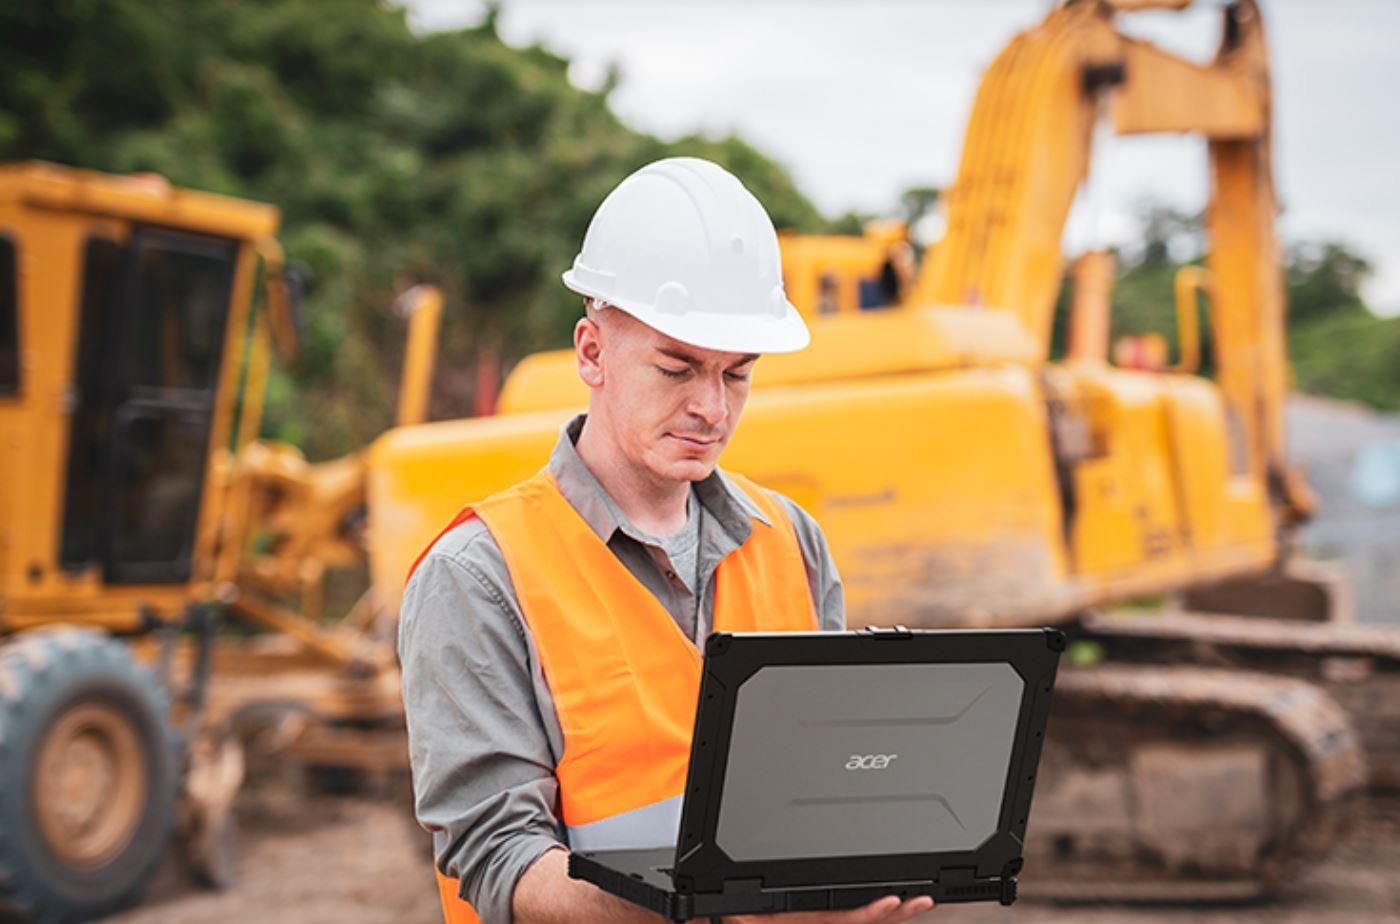 Trabajador con un portátil rugerizado de Acer.